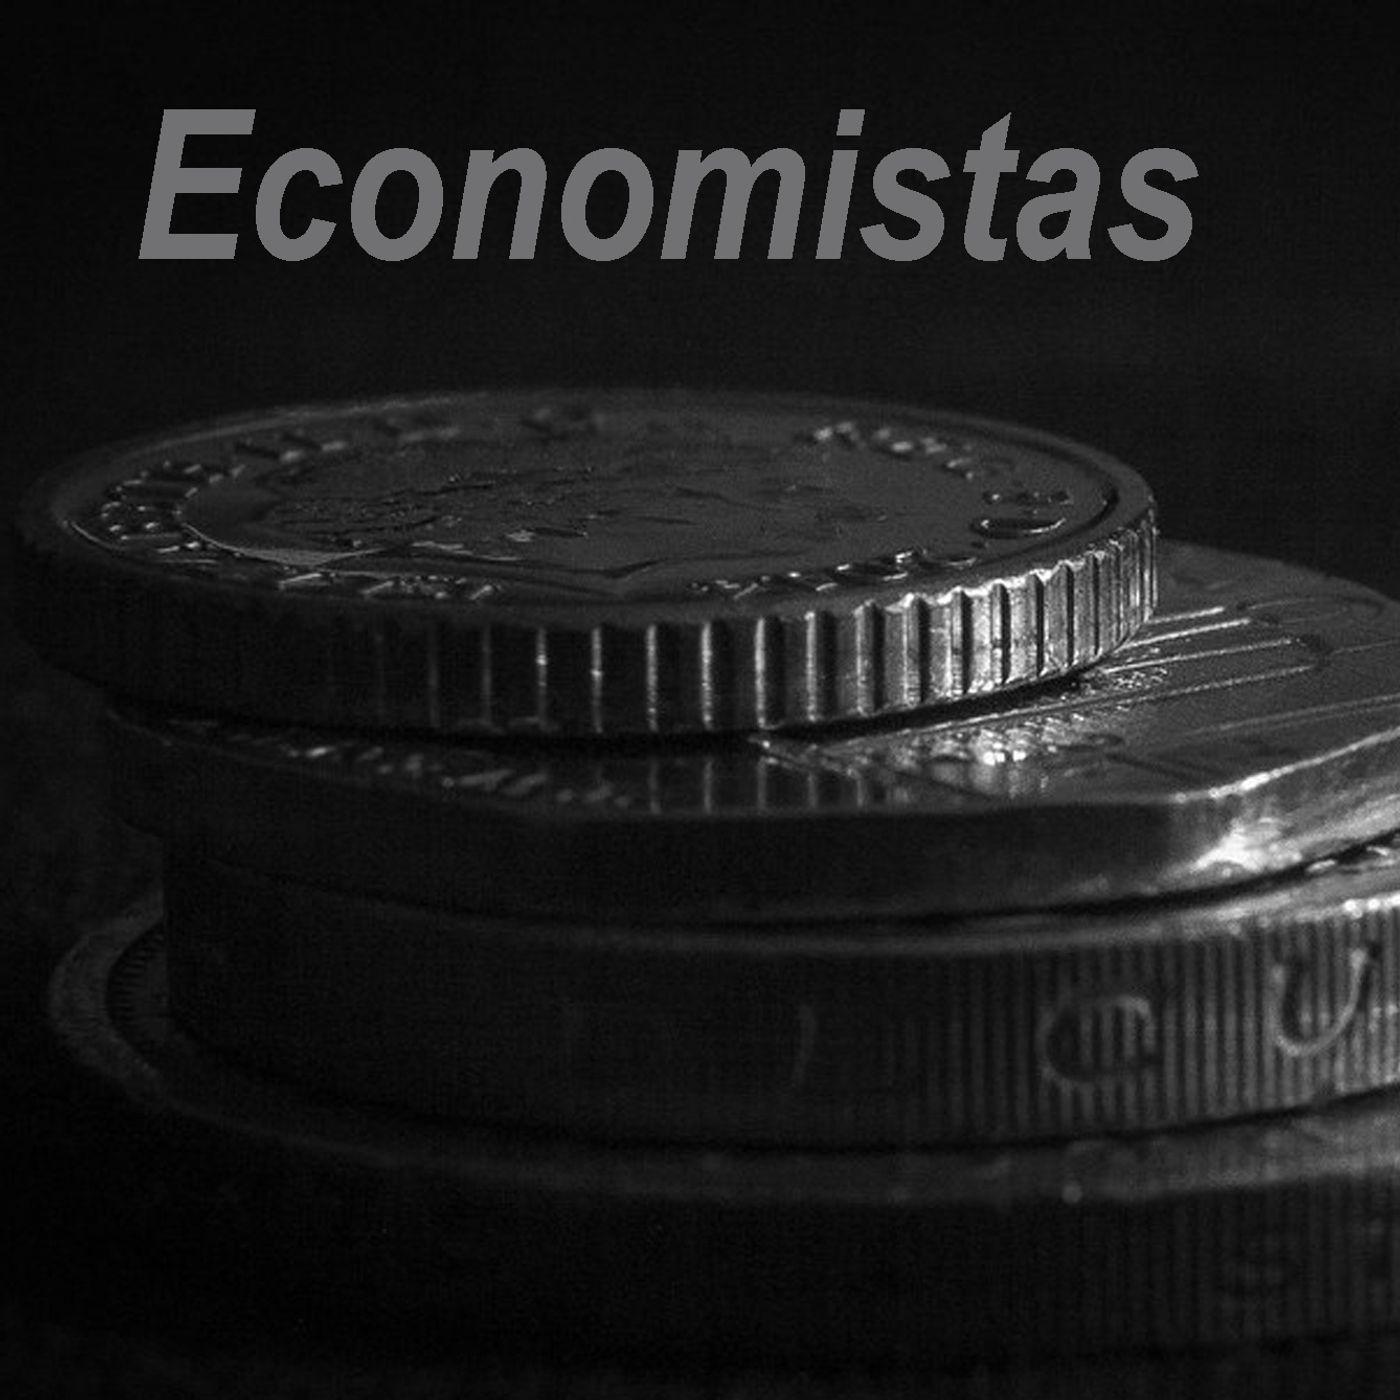 Ley de Ejercicio de la Profesión de Econonomista 9.7 MB // Audioley.com